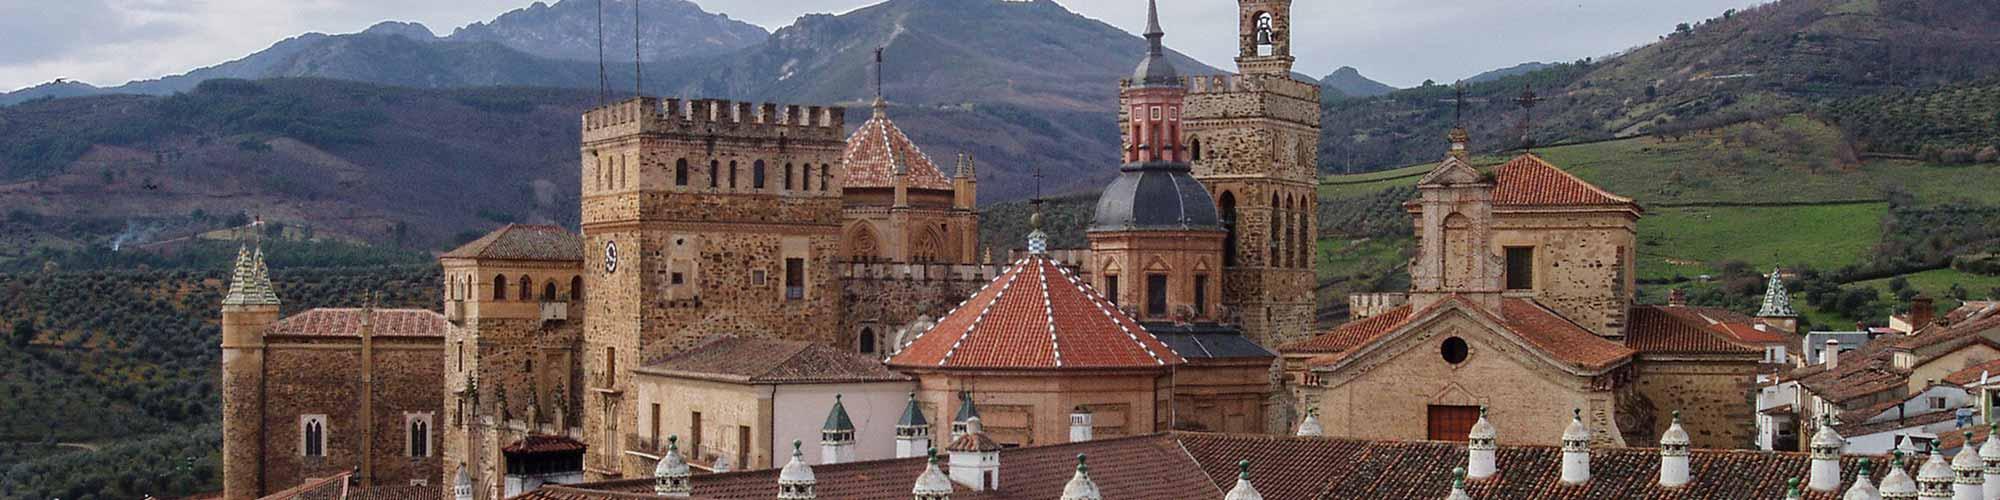 En busca del paraíso perdido de la reuna: El Camino Real de Guadalupe  - EL PAIS Viajes